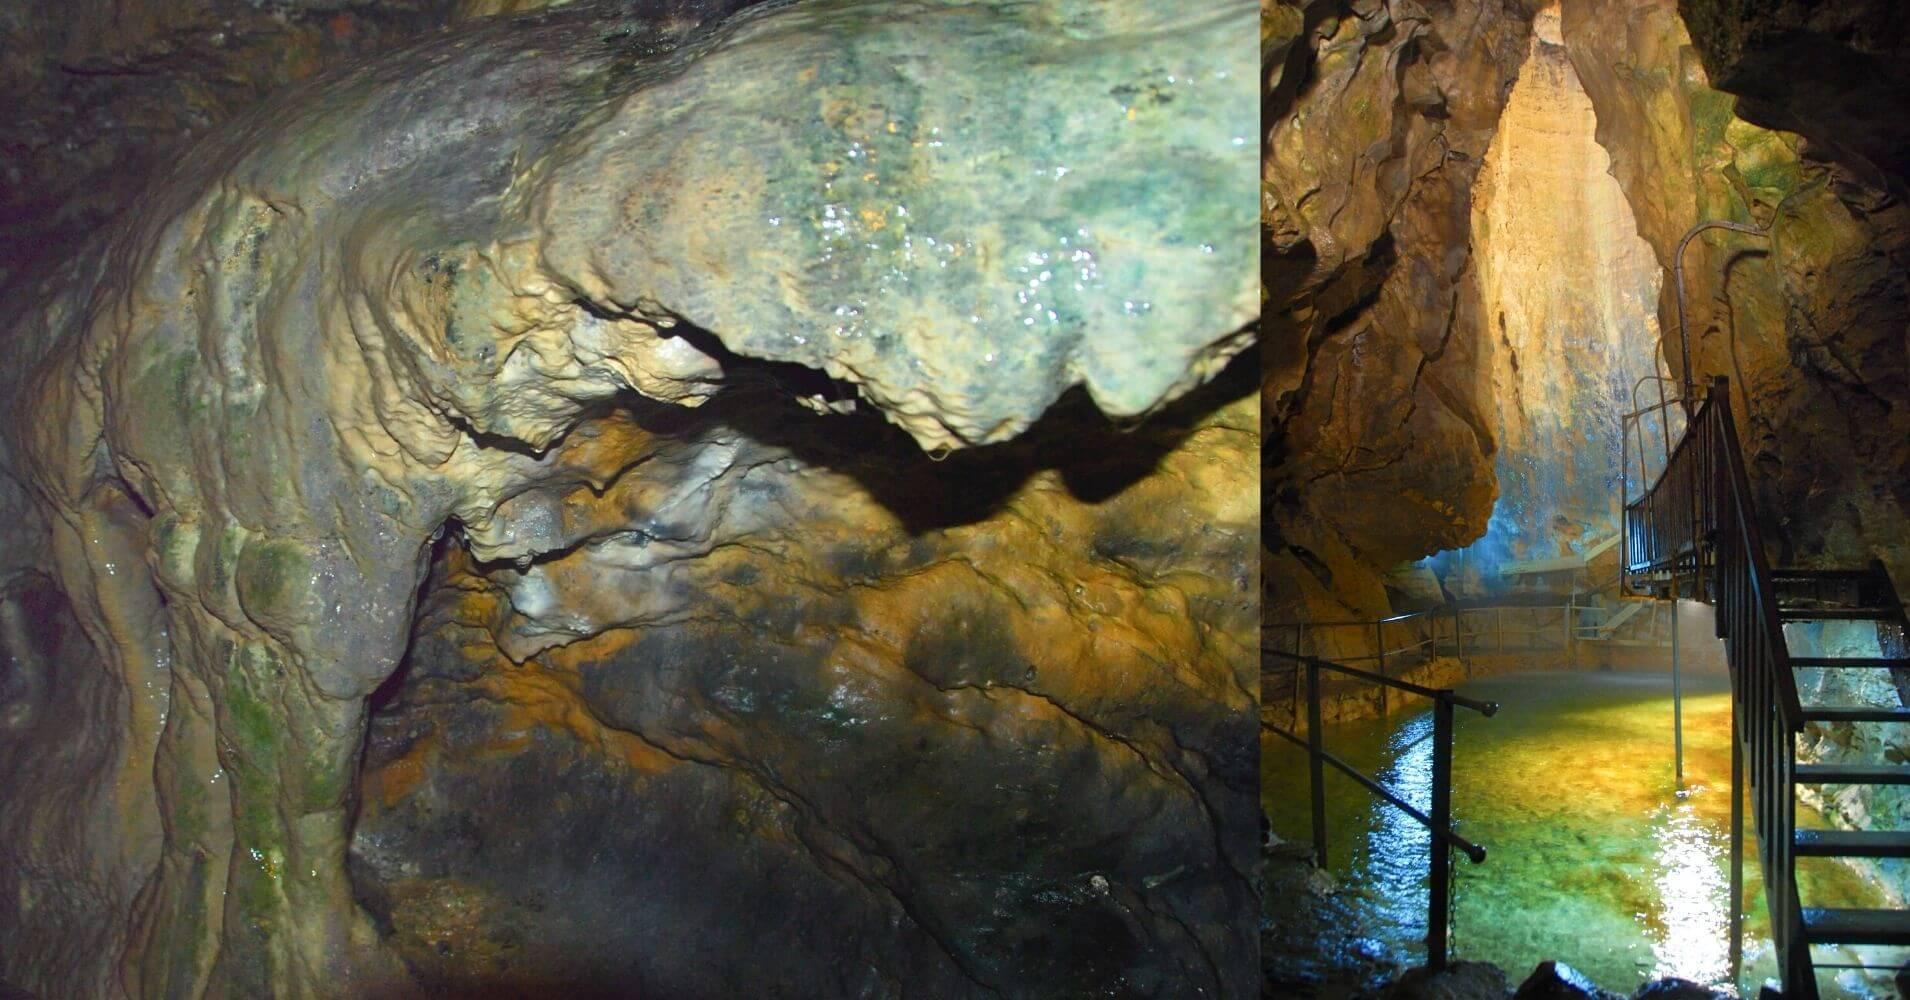 Formaciones y Lago de la Cueva de las Hadas. St. Maurice. Valais, Suiza.